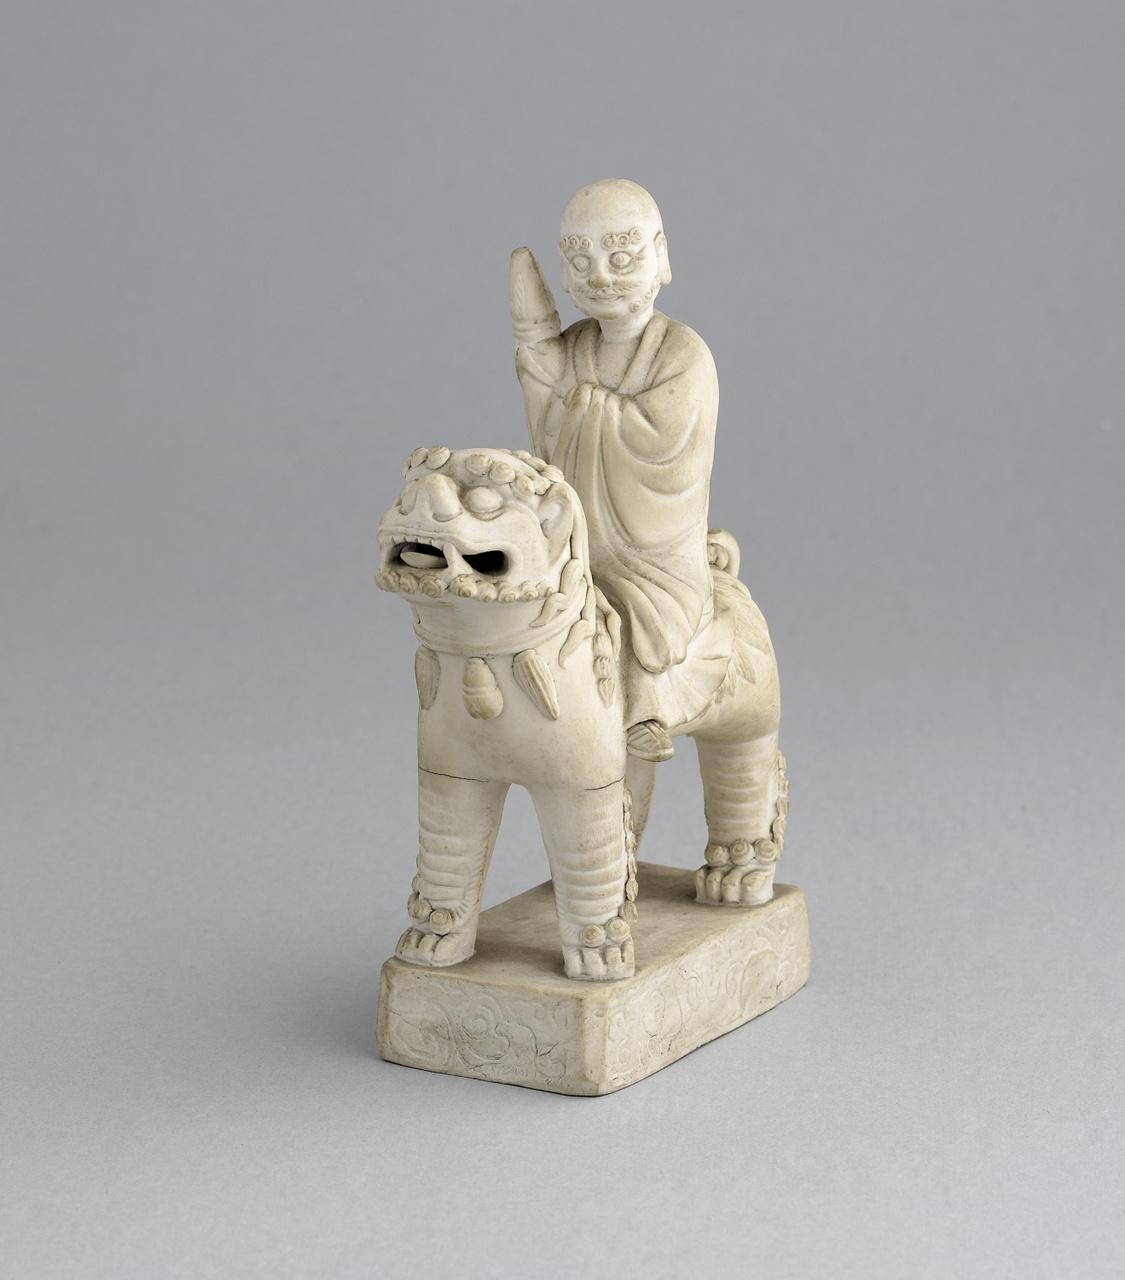 Biscuit beeldje van een Wijze gezeten op een boeddhistische leeuw